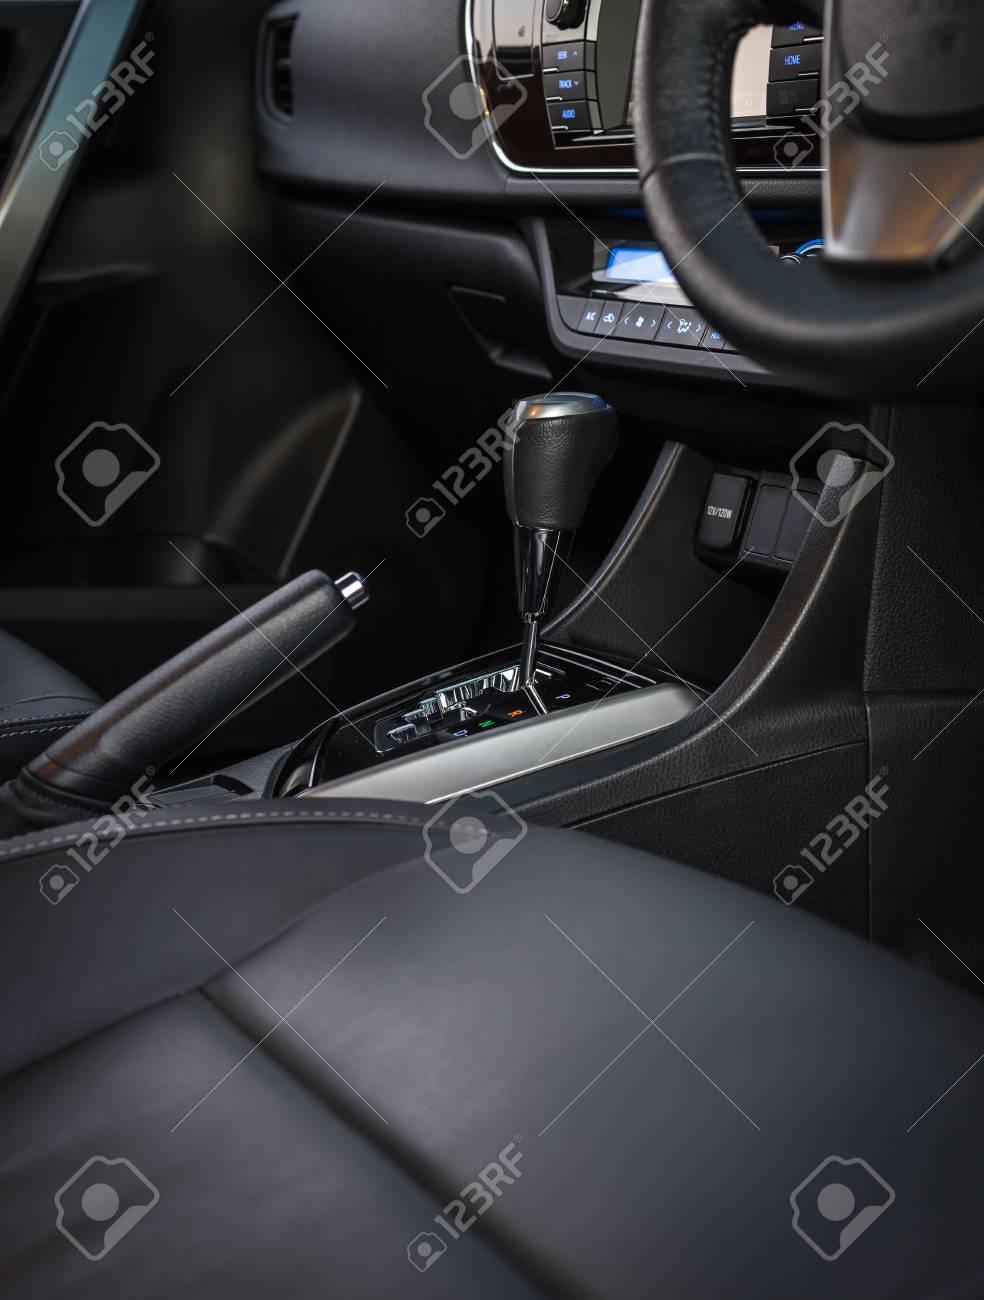 banque dimages dtail du nouvel intrieur de voiture moderne accent sur lquipement